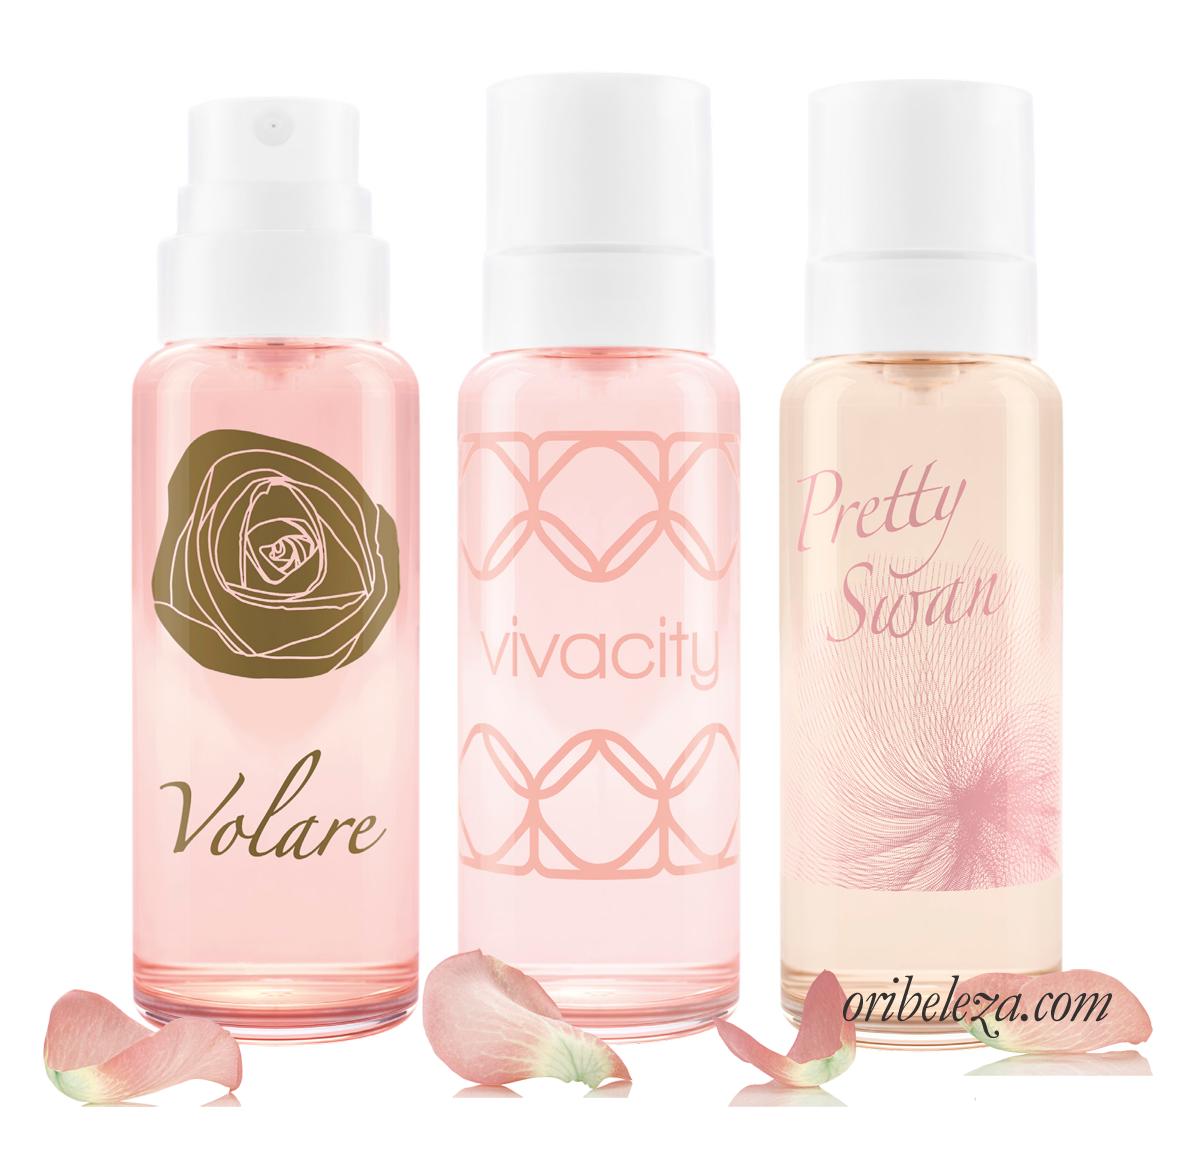 Sprays para Mala das Suas Fragrâncias Preferidas da Oriflame